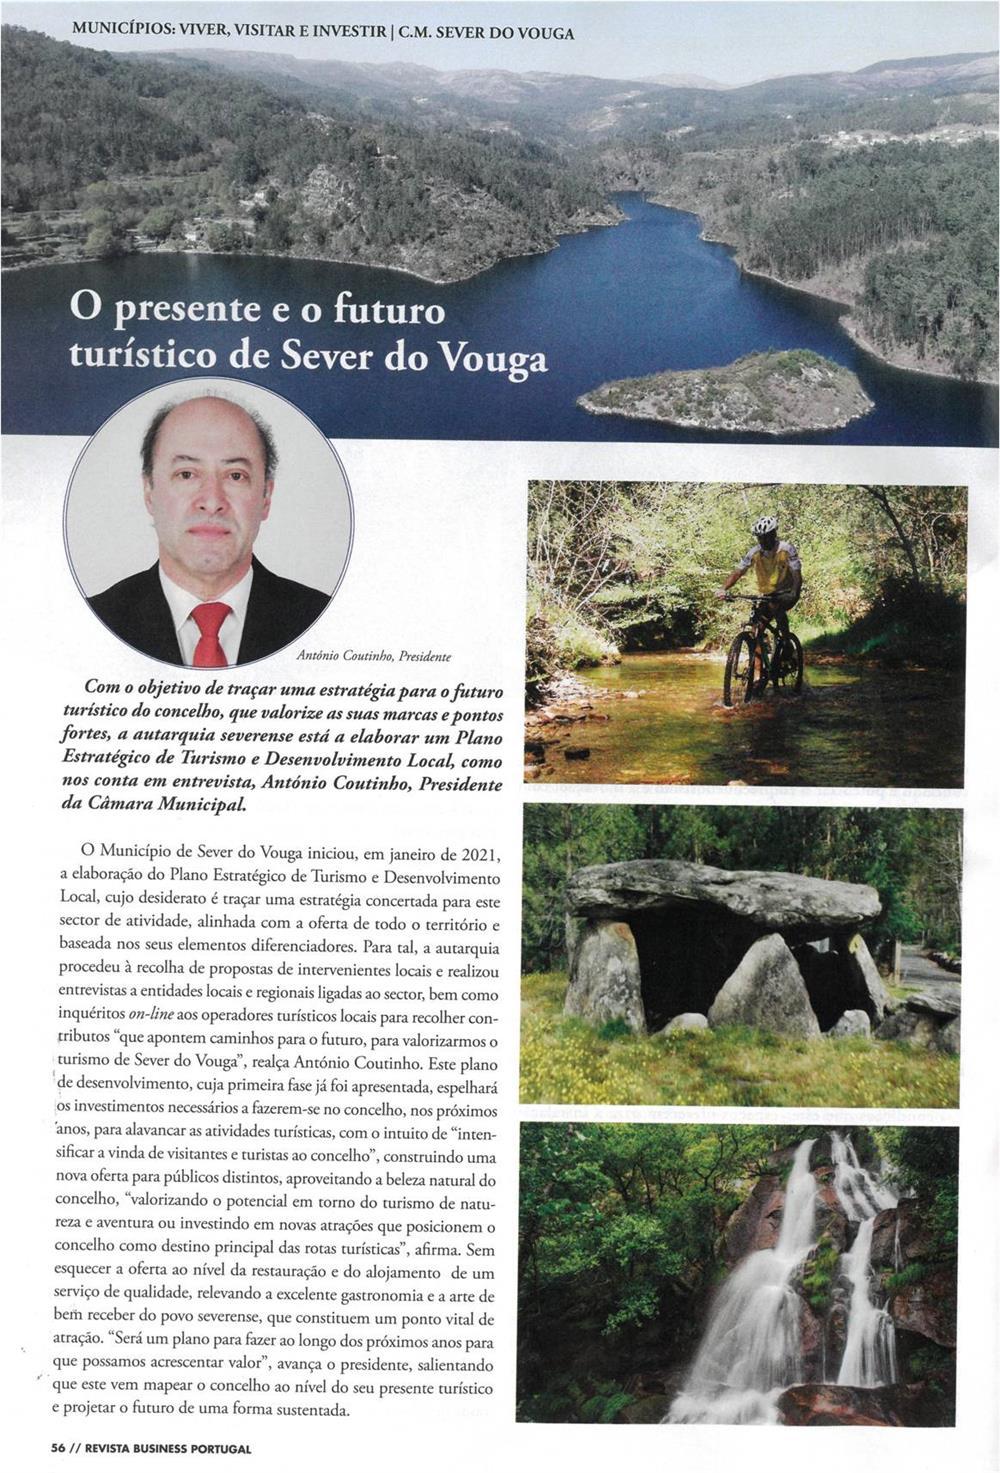 Business-maio'21-p.56,57-O presente e o futuro turístico de Sever do Vouga [1.ª de duas partes].jpg